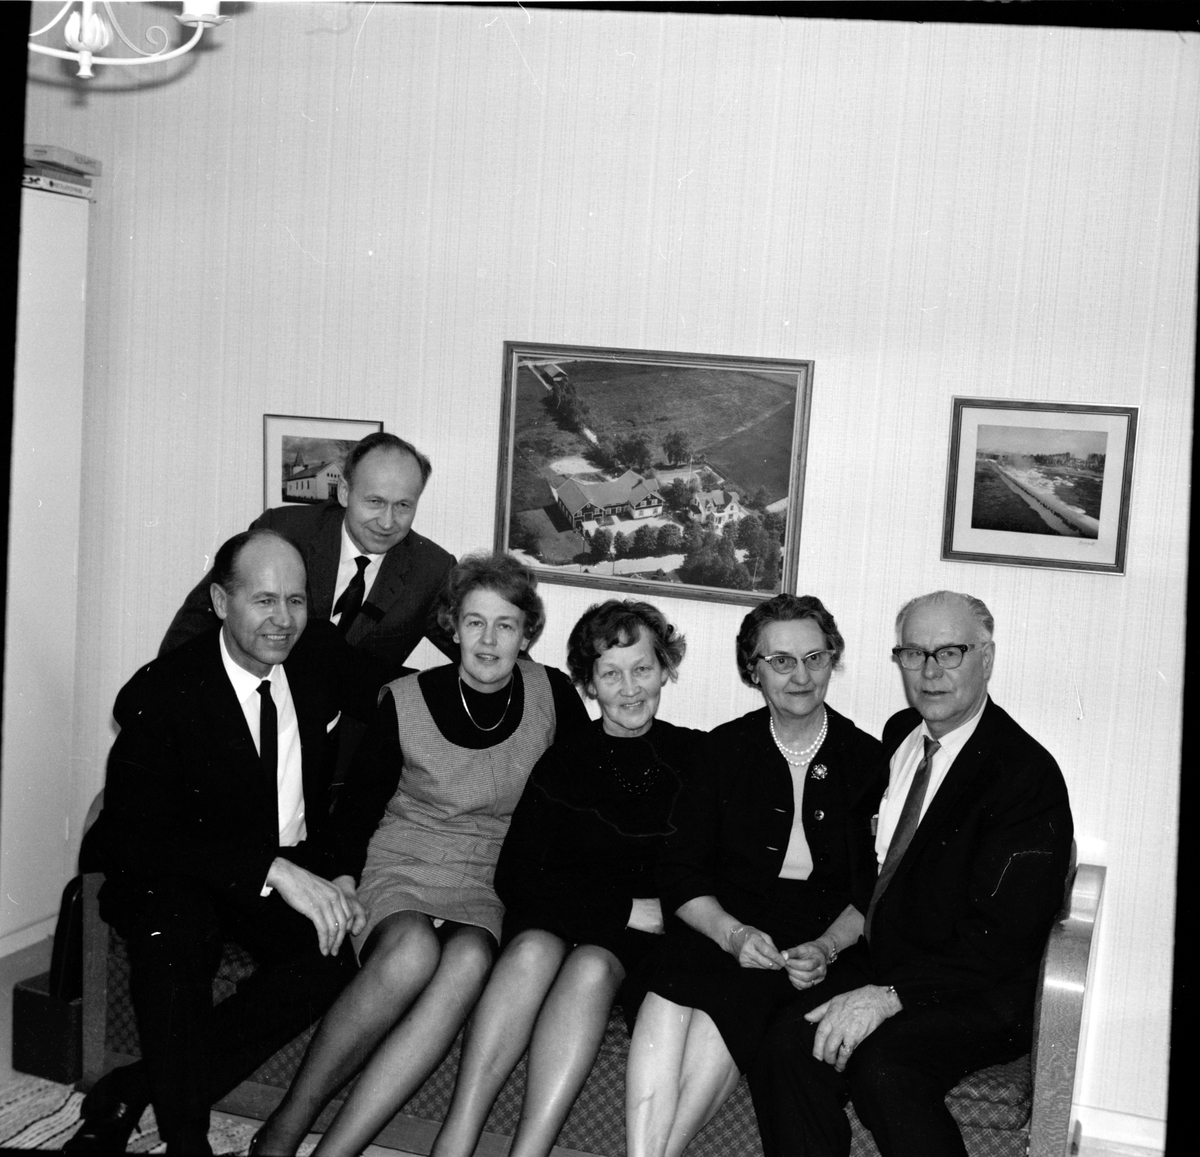 Arbrå, Hos Olle Bodell, Sven Bodell,Ivar Peterson, April 1969